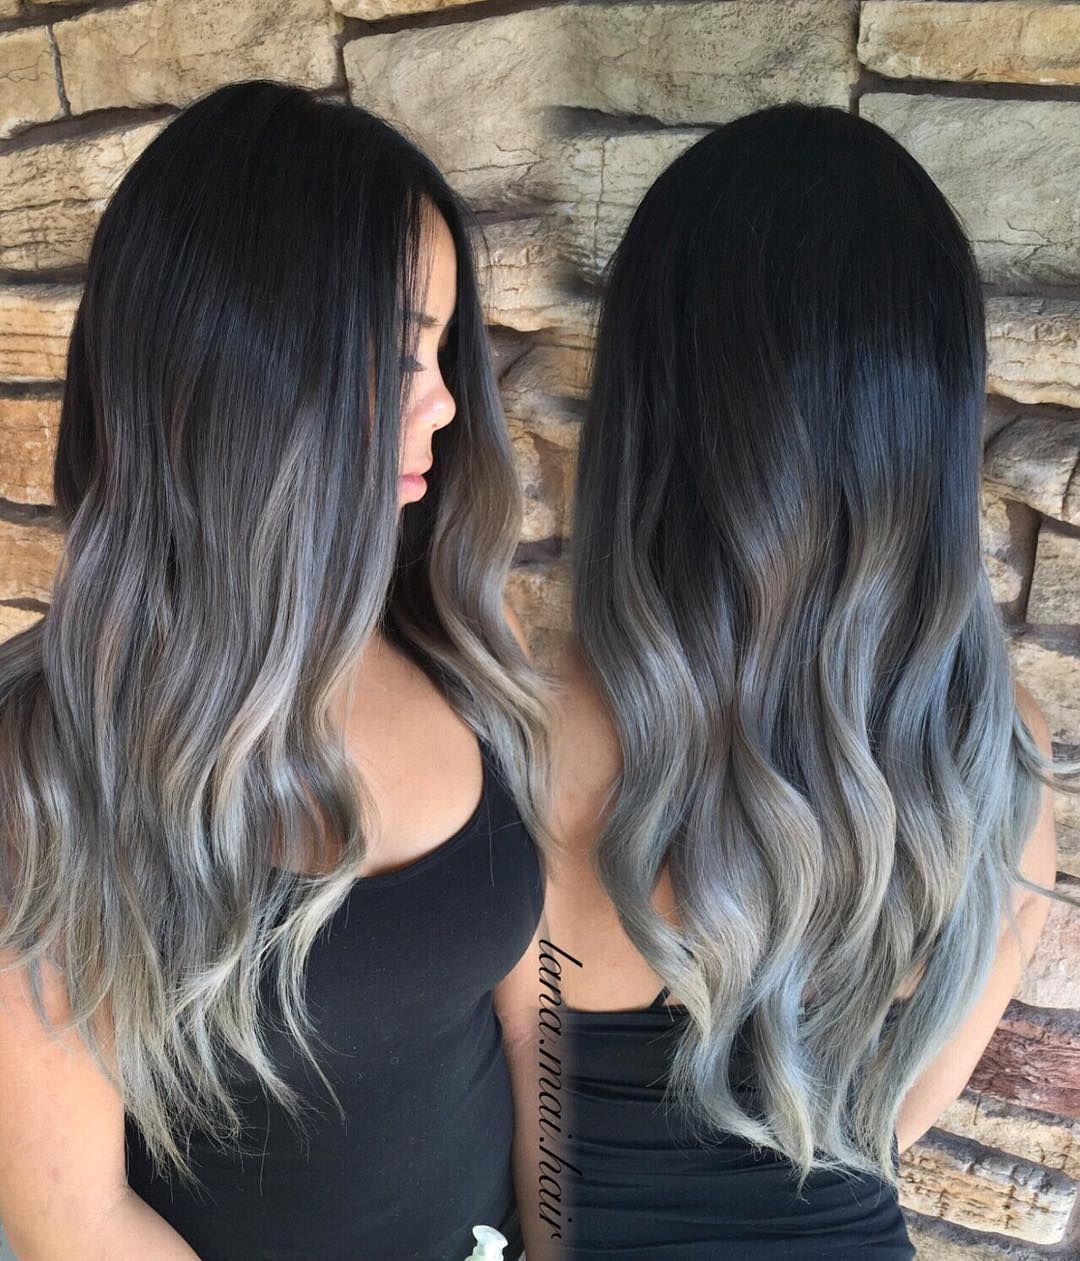 Smoky grey ombre hair ideas popsugar beauty uk celebritybalayage